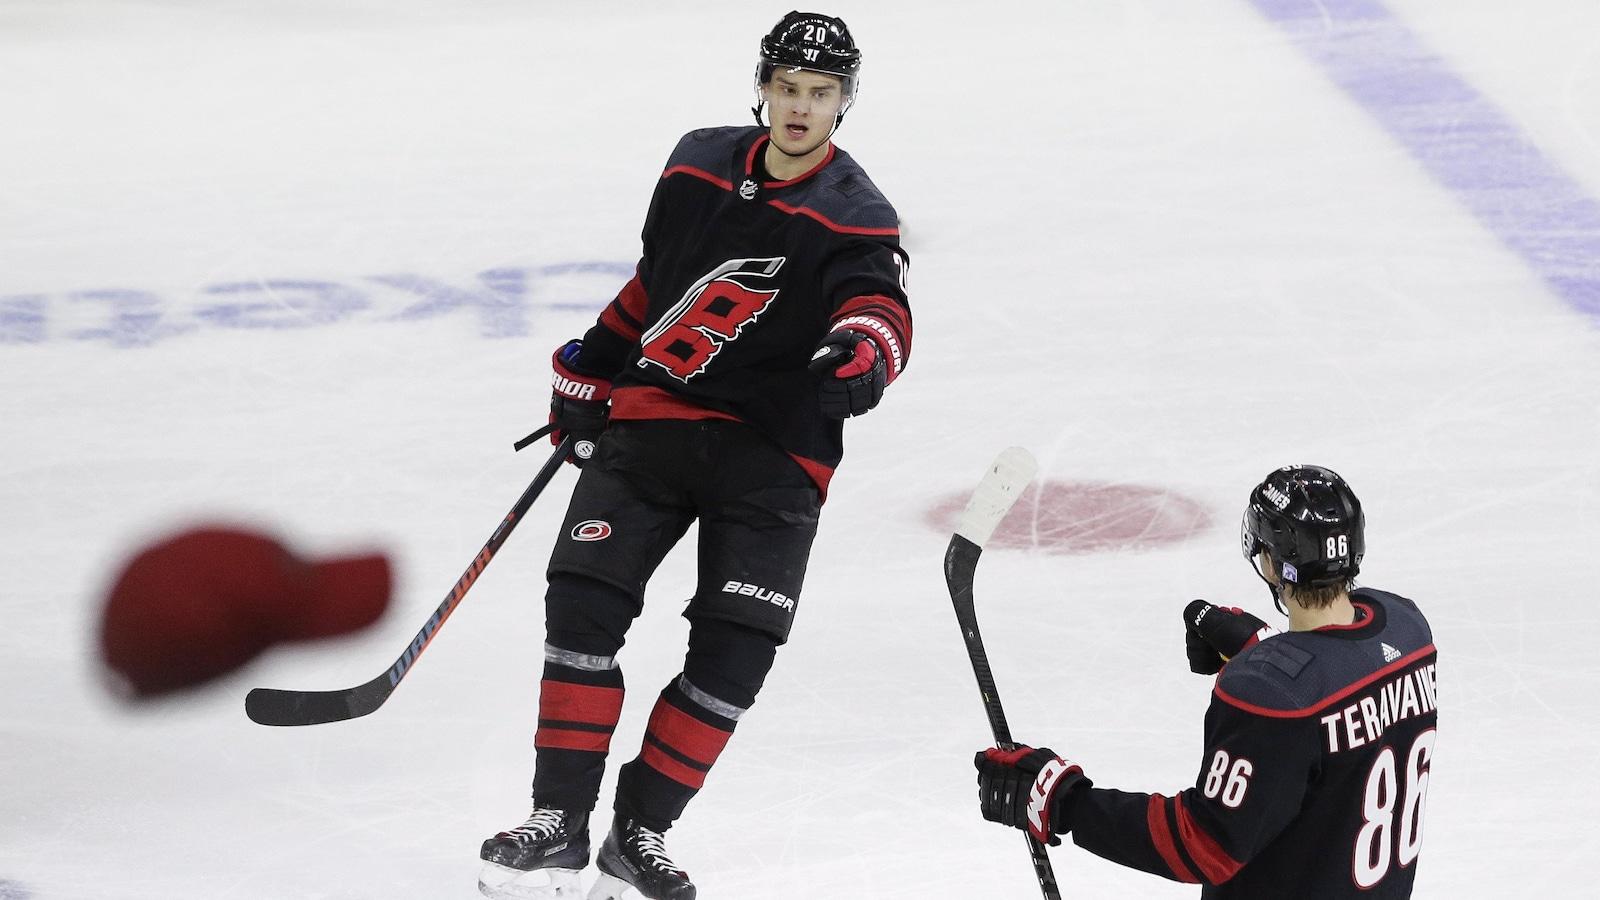 Sebastian Aho célèbre son troisième but du match avec Teuvo Teravainen, alors que la foule lance des chapeaux sur la glace.